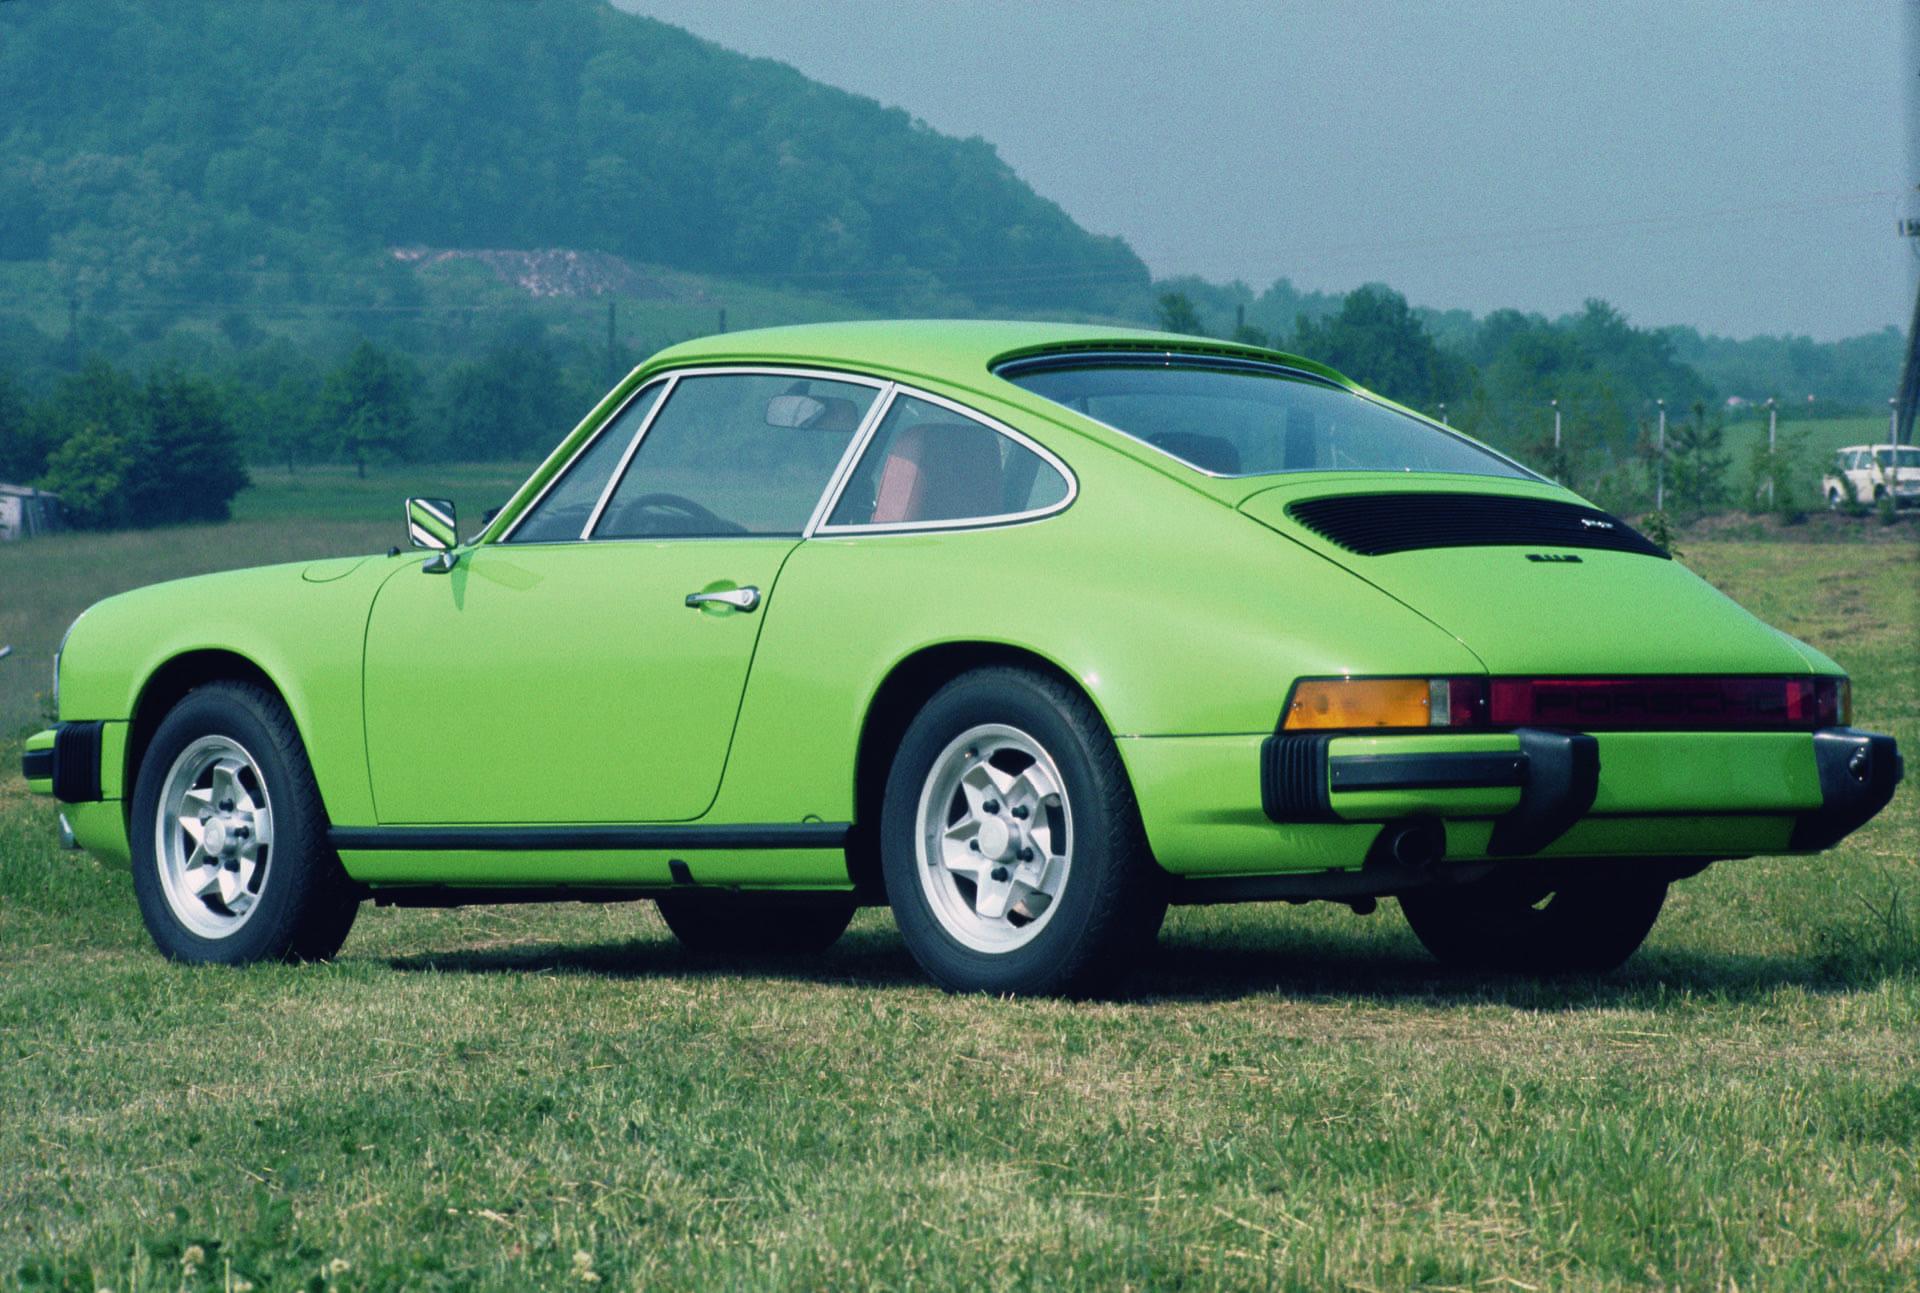 Porsche 911 G S 2 7 Coupe 1974